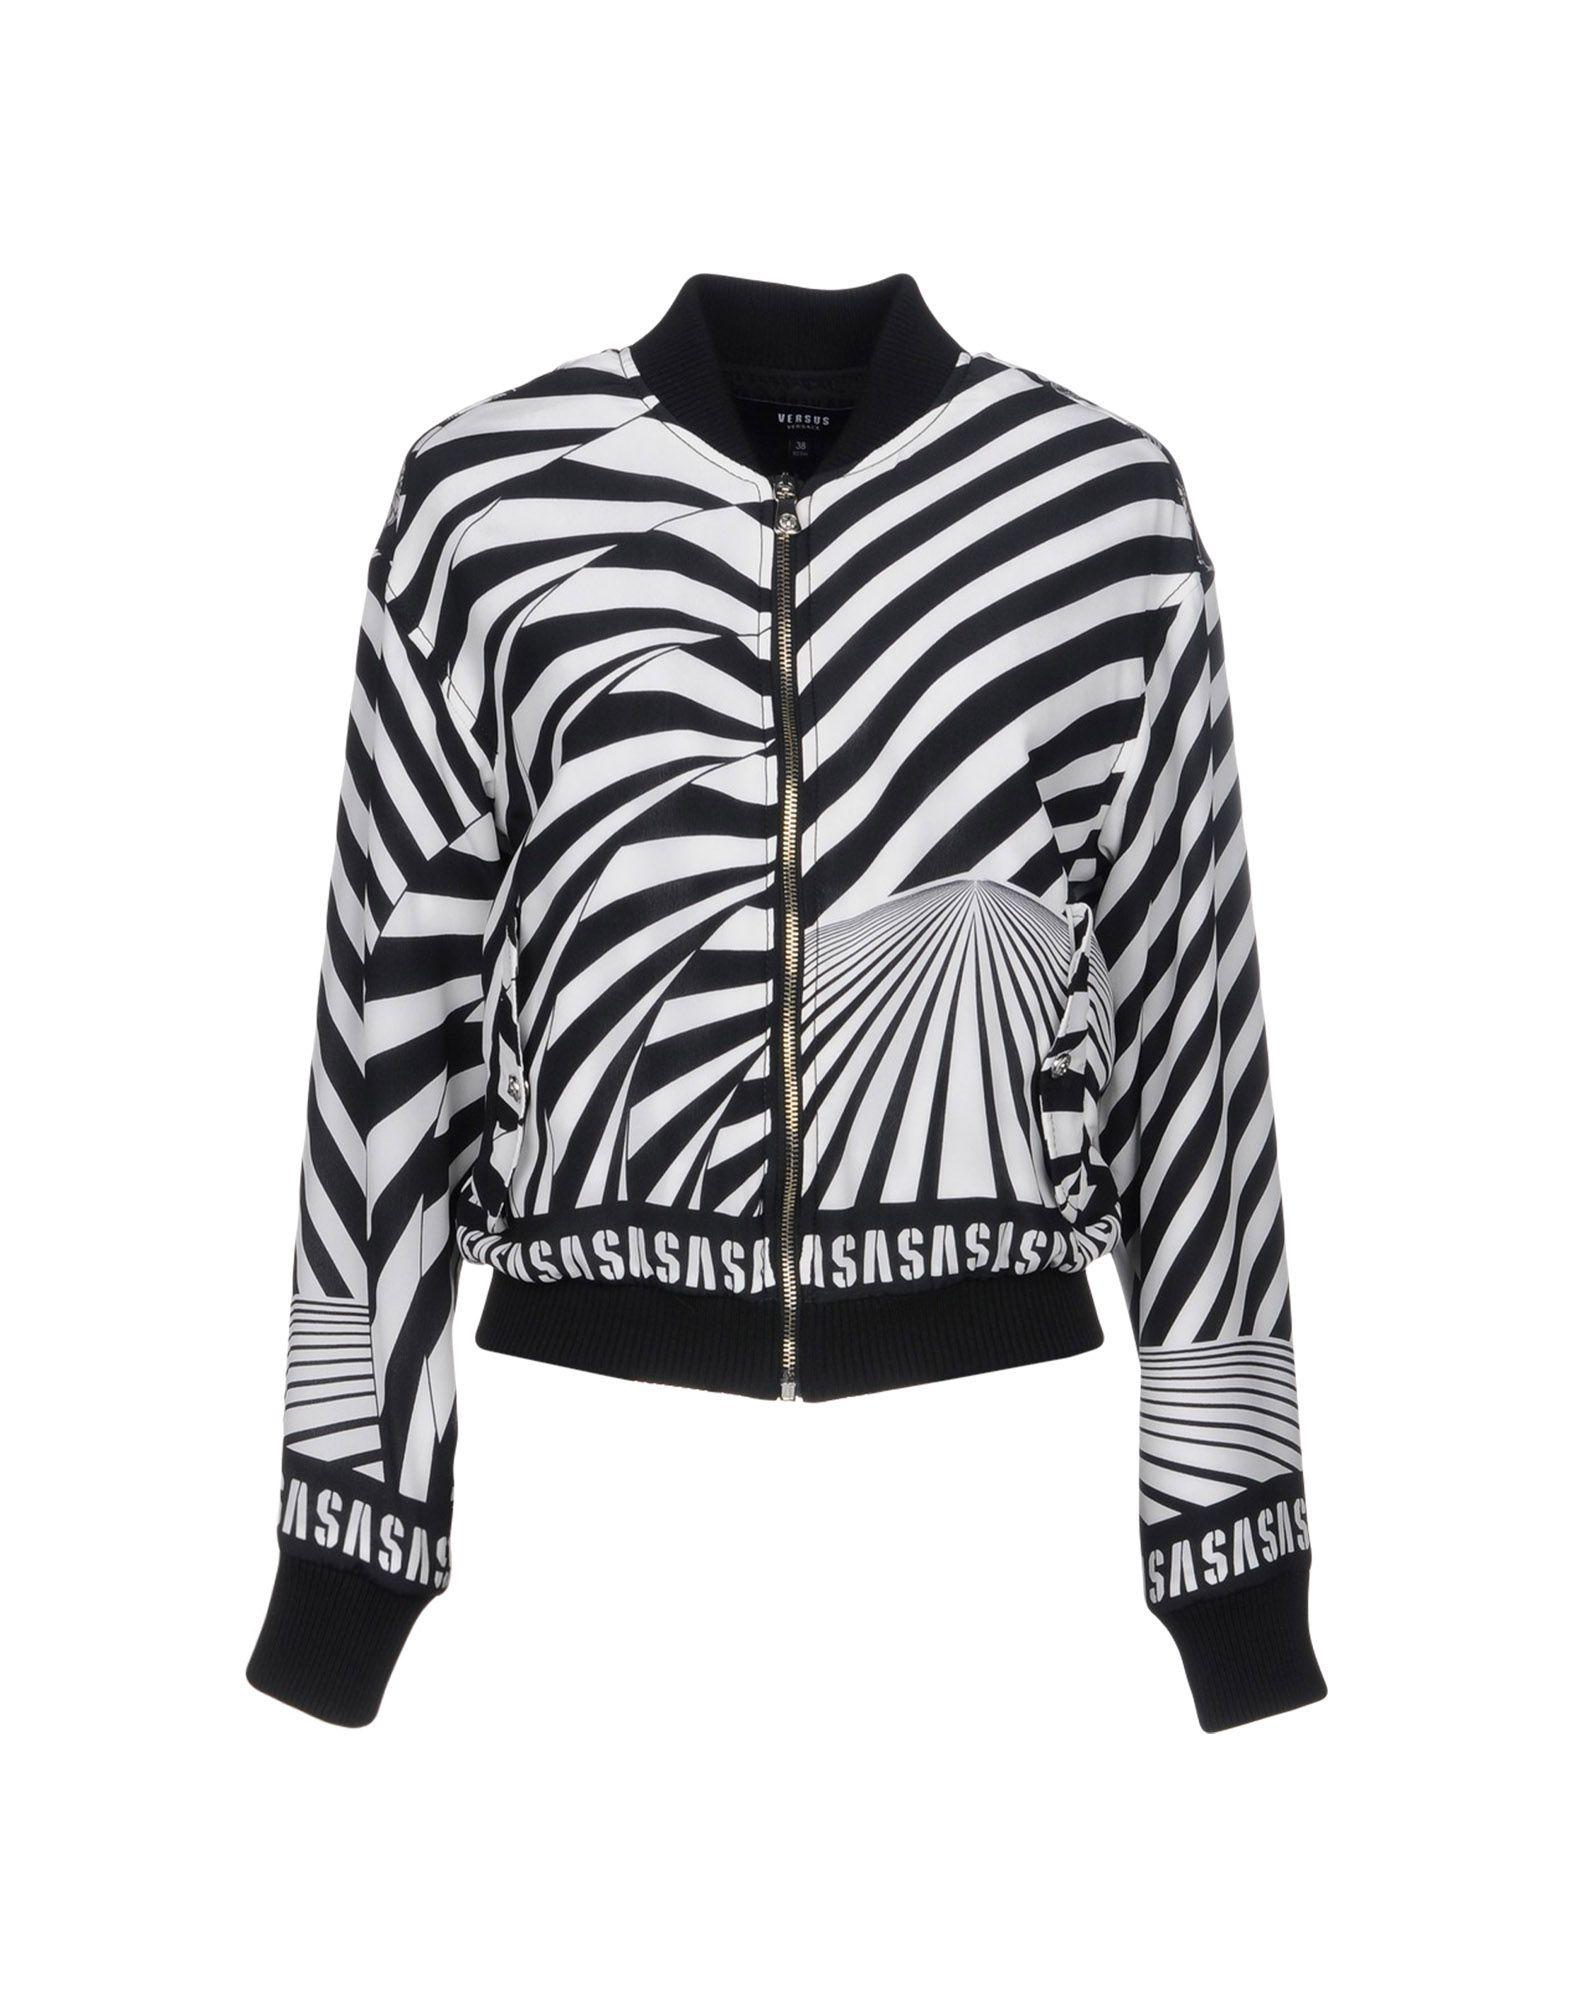 VERSUS VERSACE Куртка куртка бомбер короткая в полоску с вышивкой 100